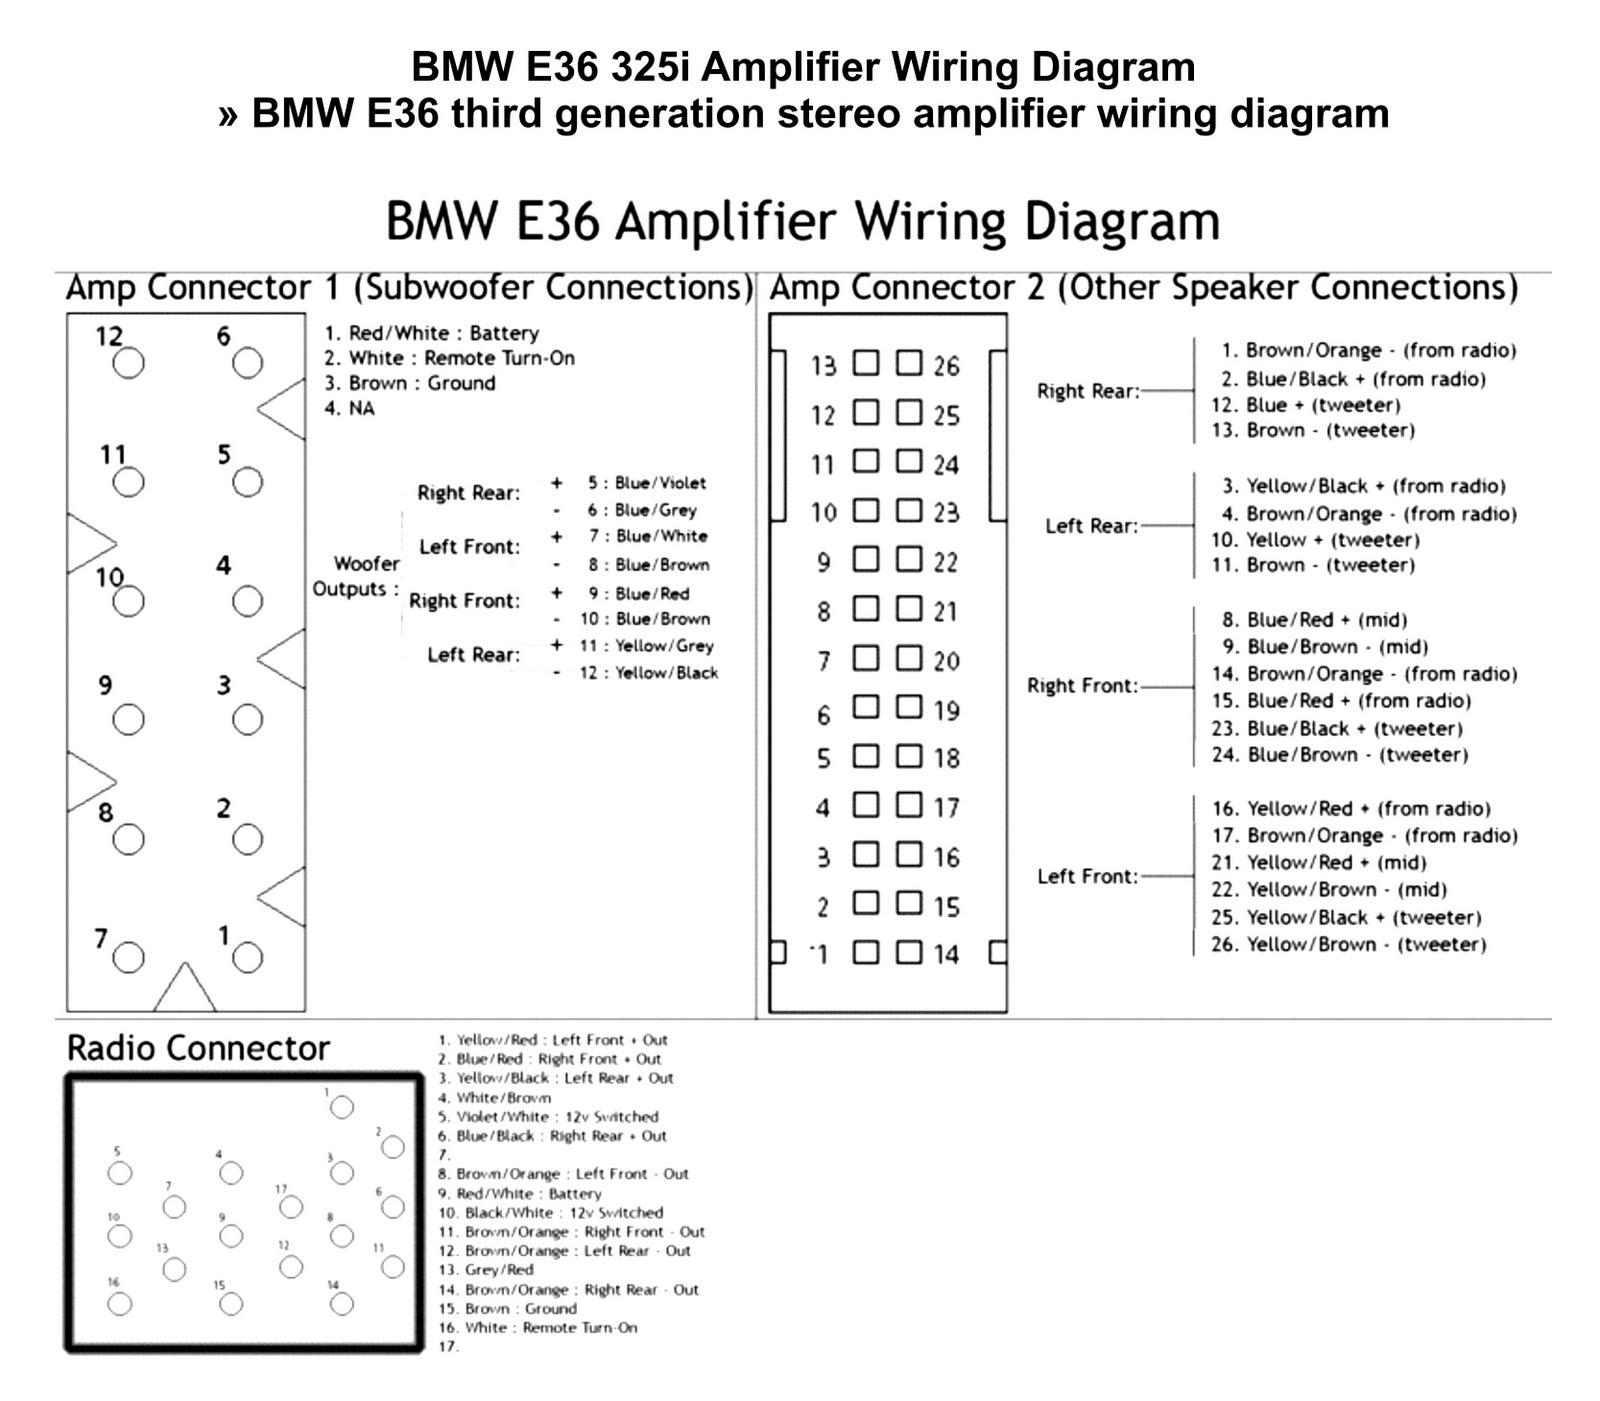 Appealing BMW Radio Ke 83 Wiring Diagram Gallery - Best Image ...